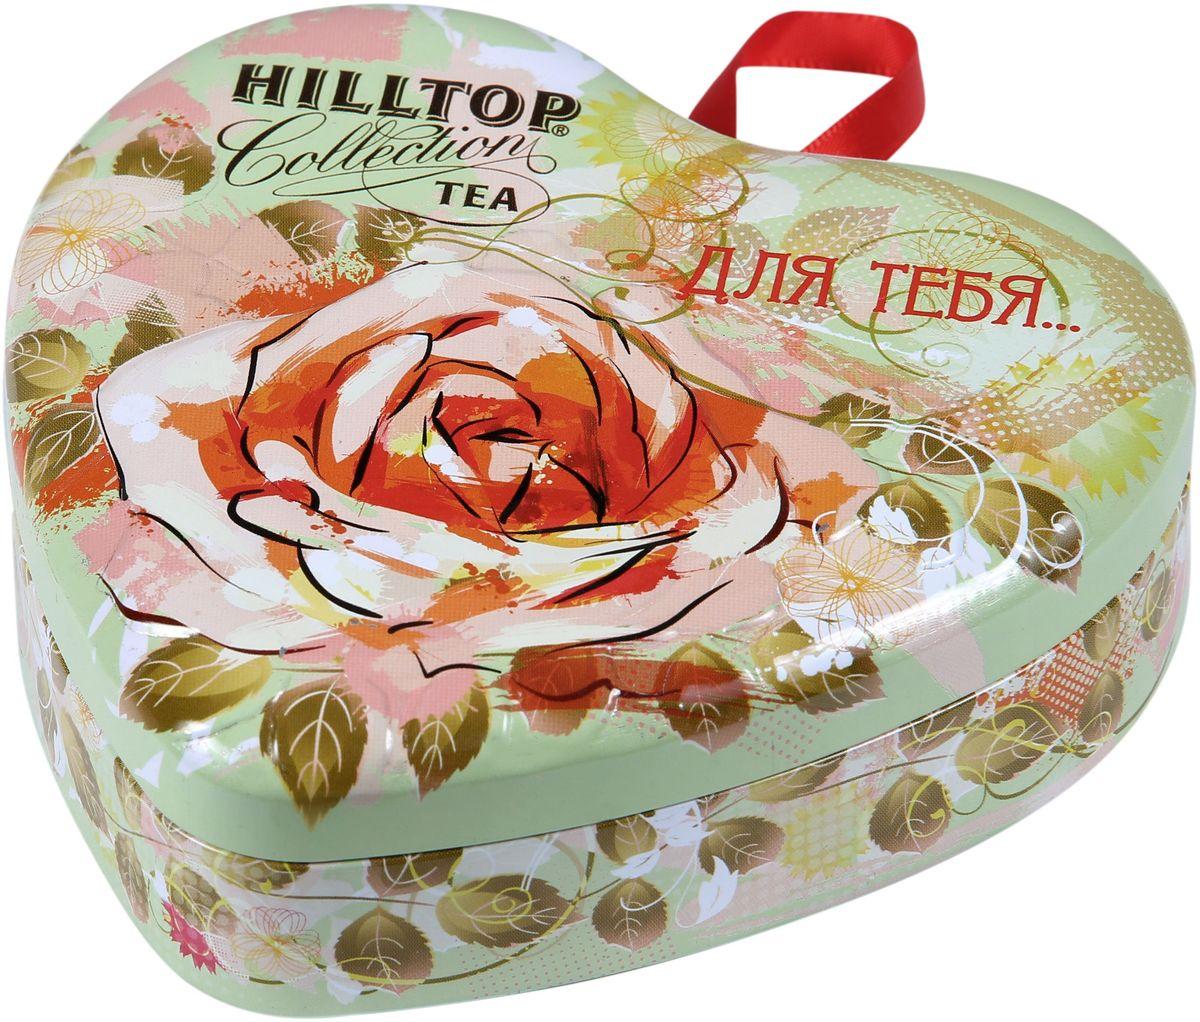 Hilltop Желаю счастья зеленый листовой чай, 50 г4607099305342Hilltop Желаю счастья — зеленый байховый чай с добавками растительного сырья Жасминовый. Отлично дополняет завтрак или праздничный сладкий стол.